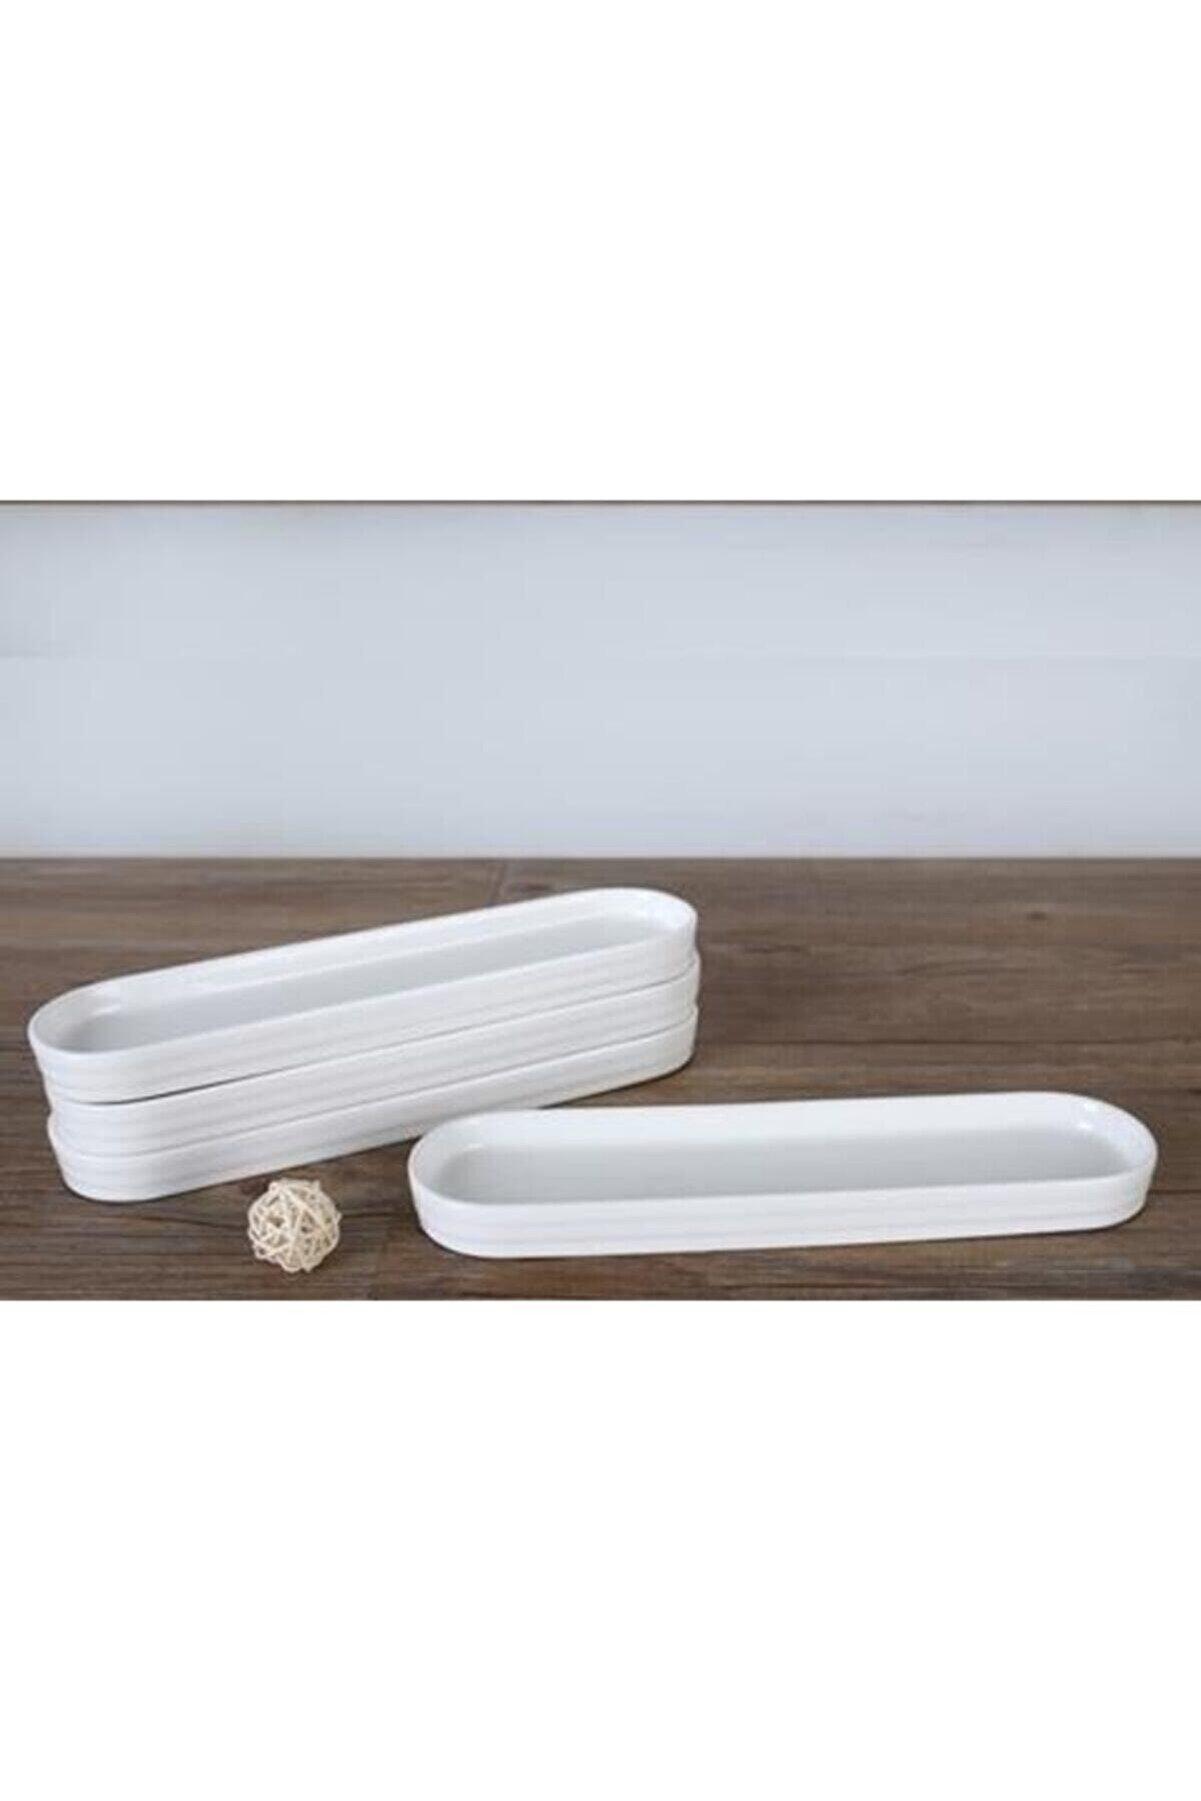 ACAR Porselen Oval Sunum Tabağı